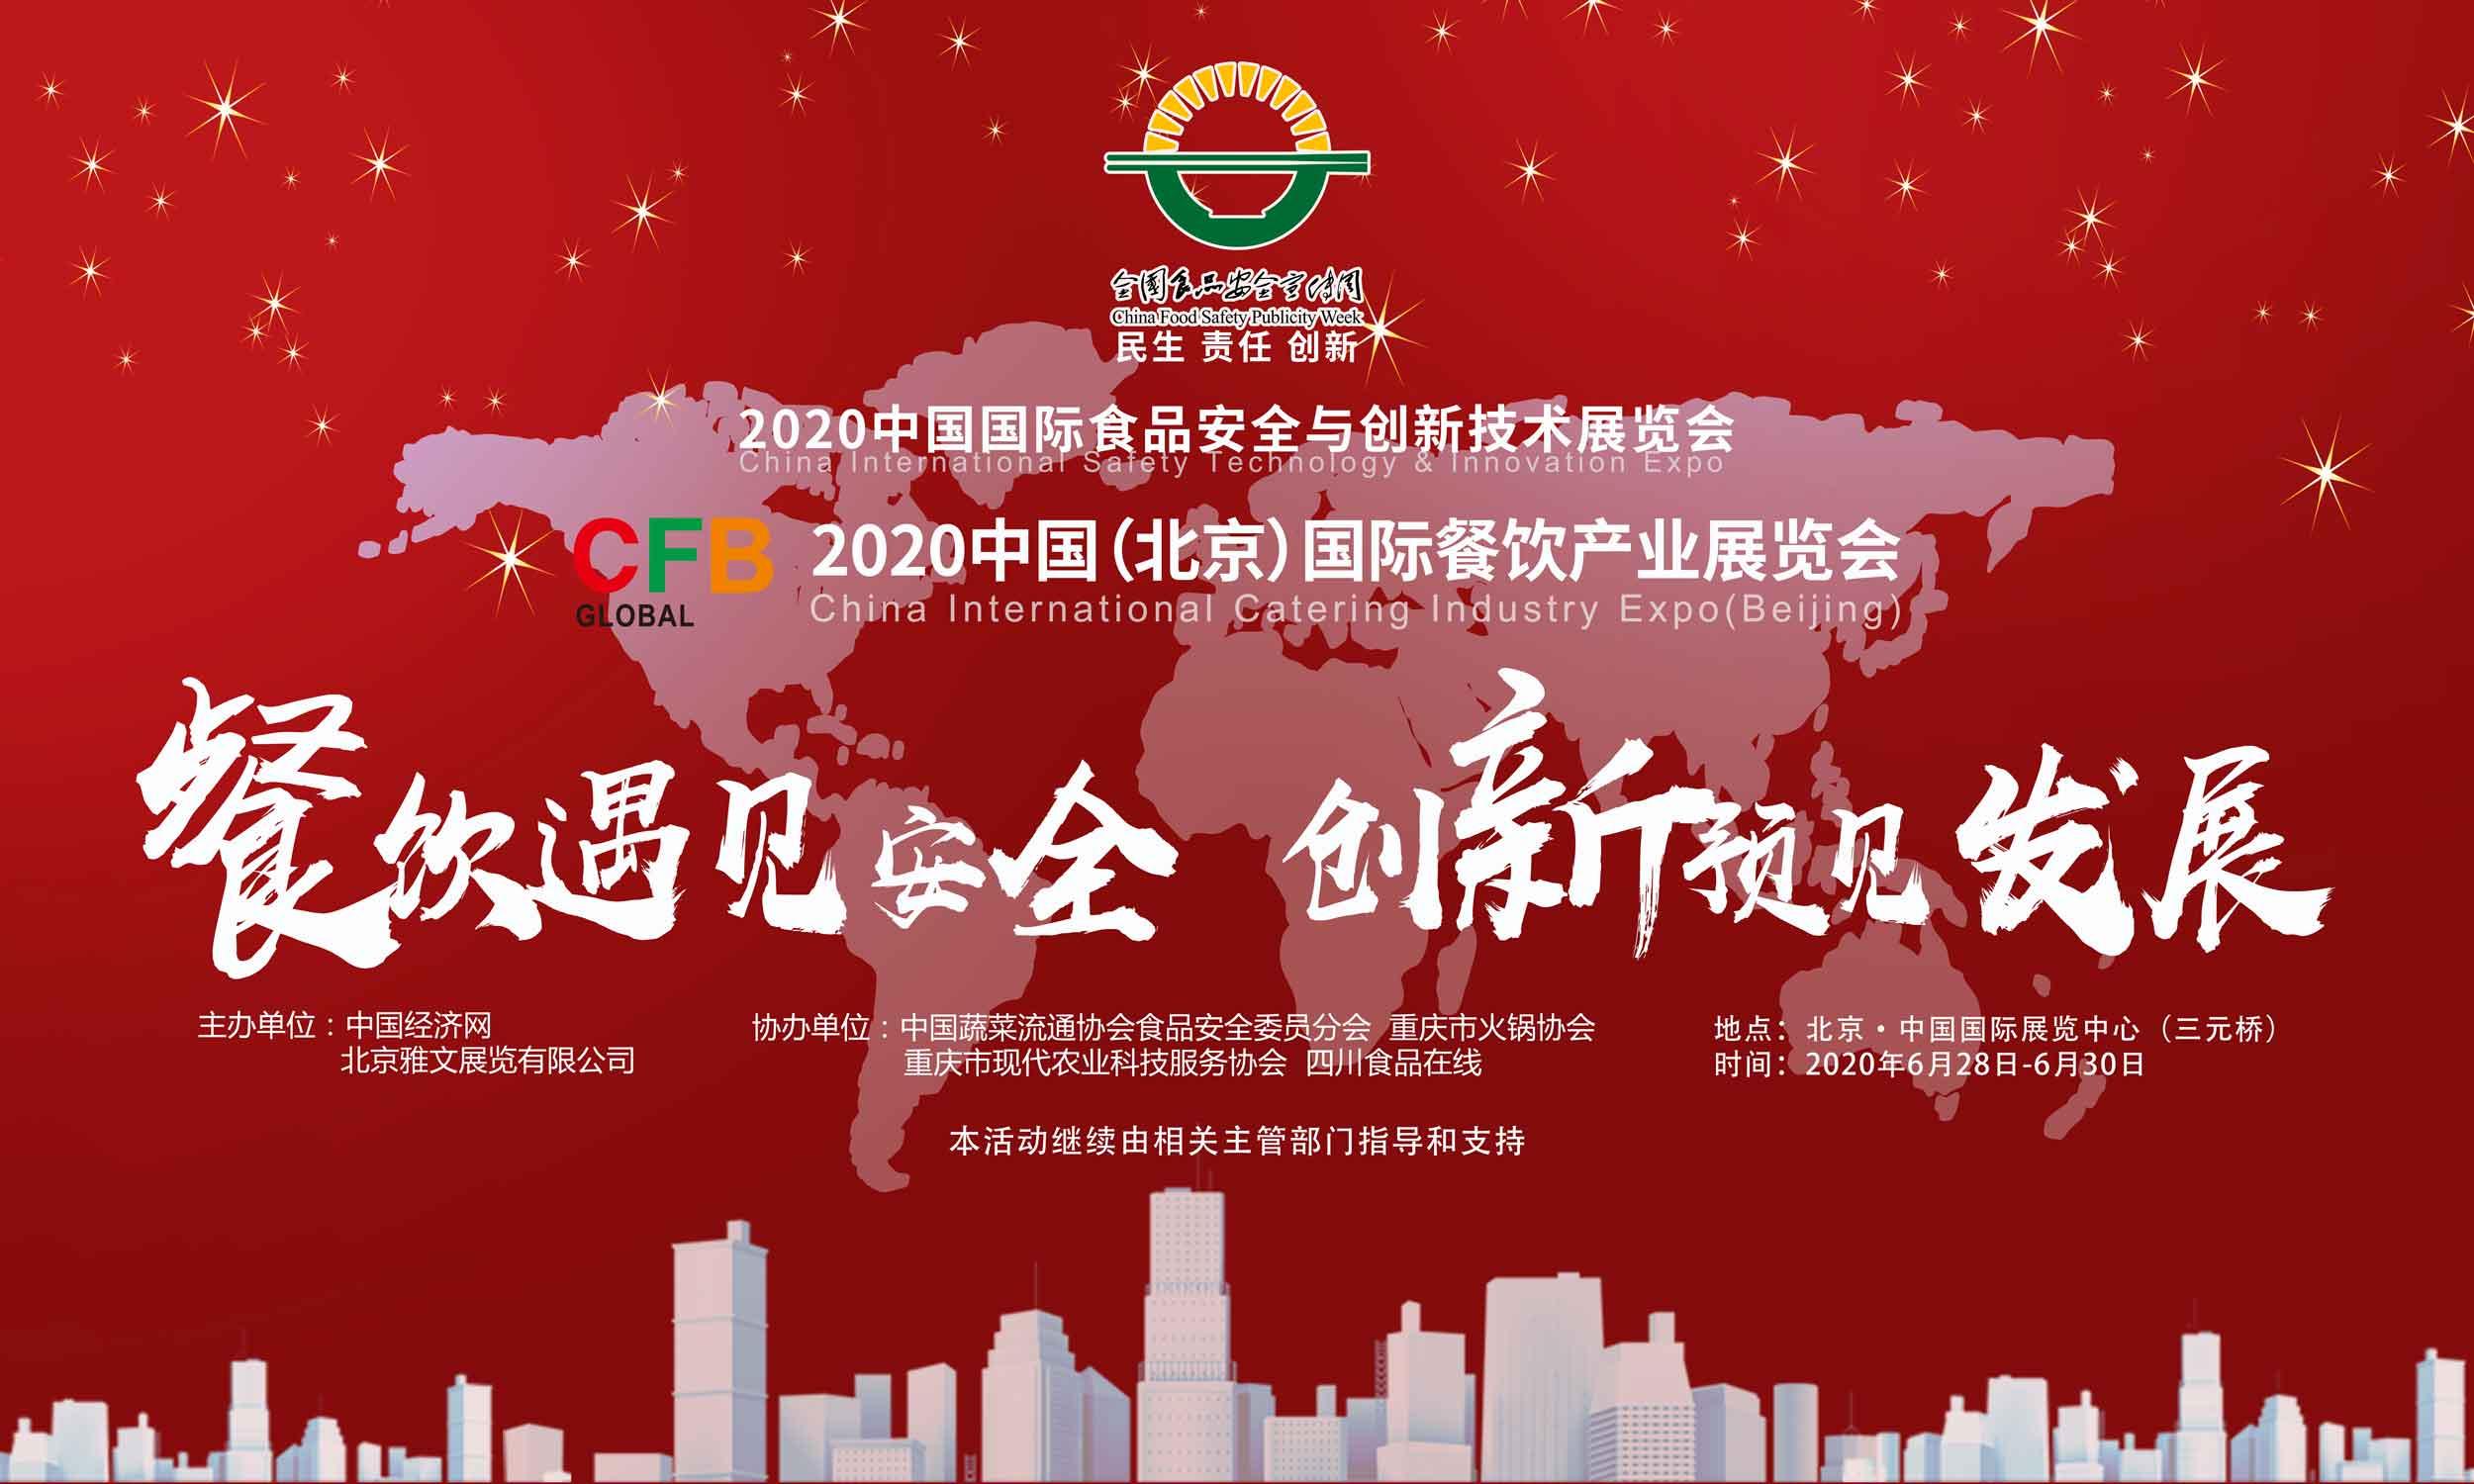 2020餐饮食材展览会|北京2020北京食品展会信息